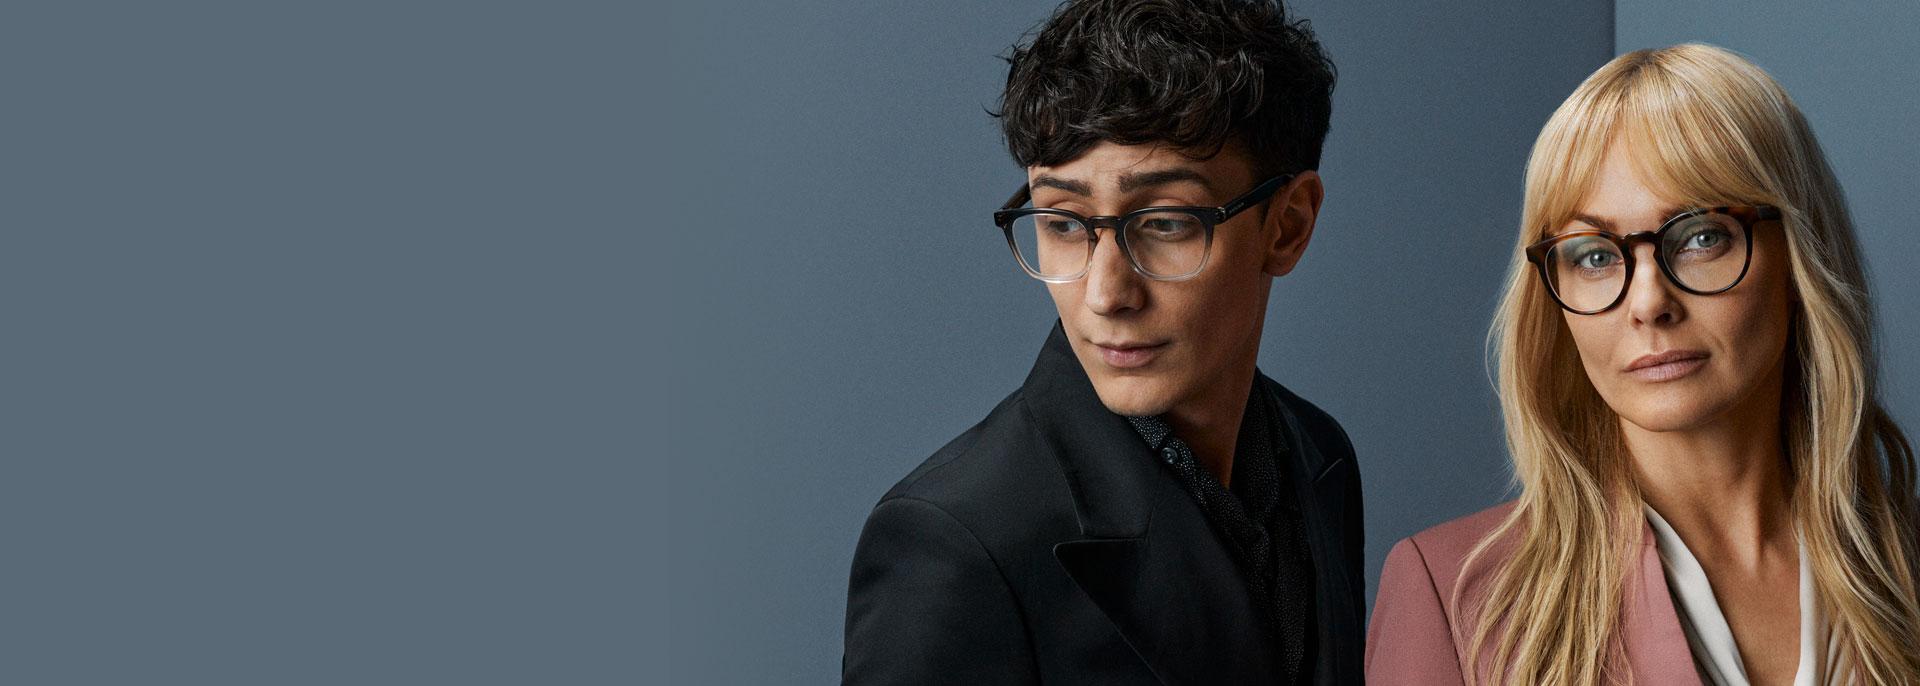 Ny brillekollektion I Oscar Jacobson X Smarteyes